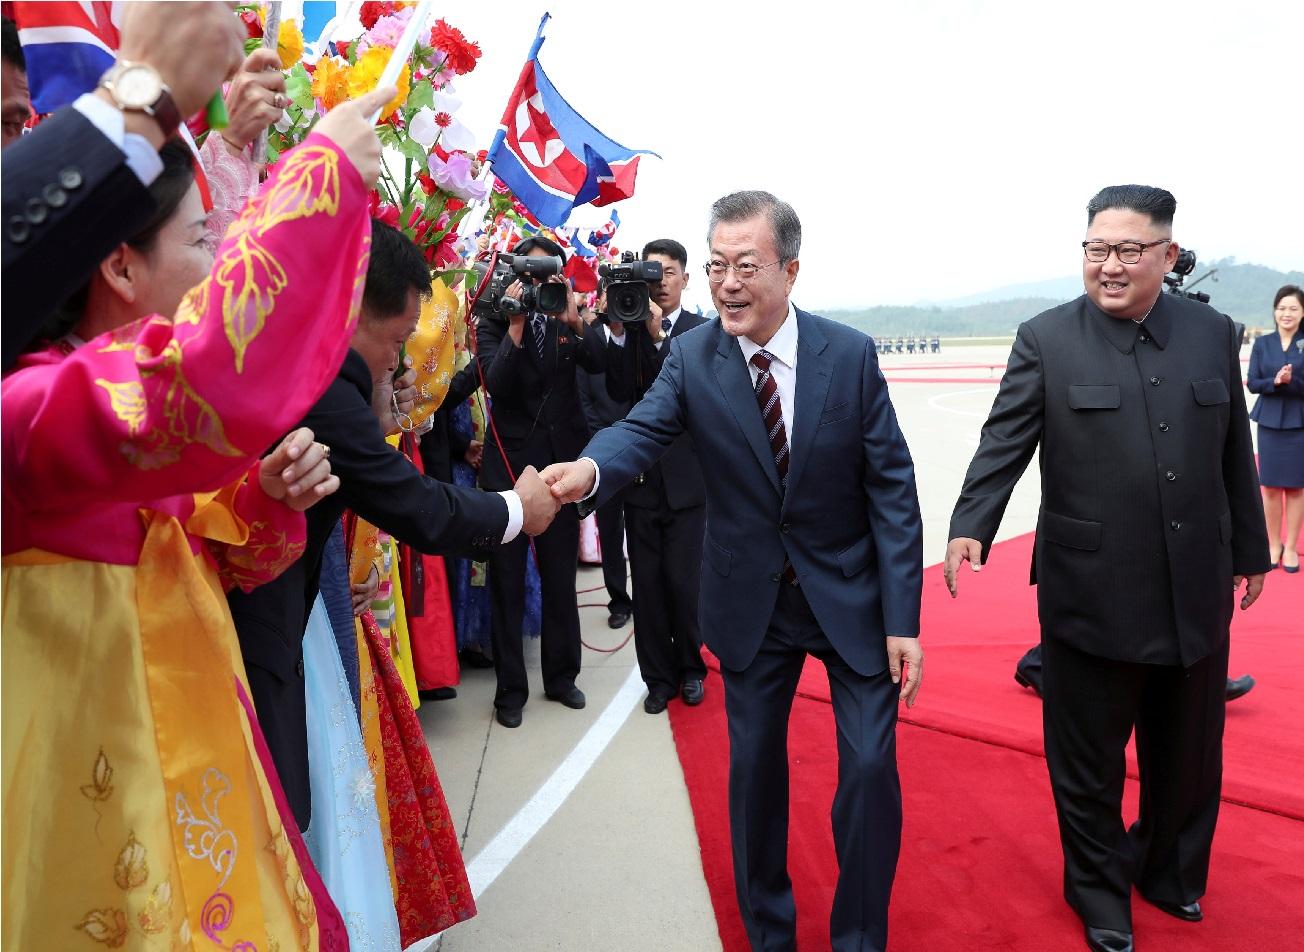 کوریا کے صدر مون چوٹی کانفرنس میں شرکت کے لیئے پہنچے شمالی کوریا